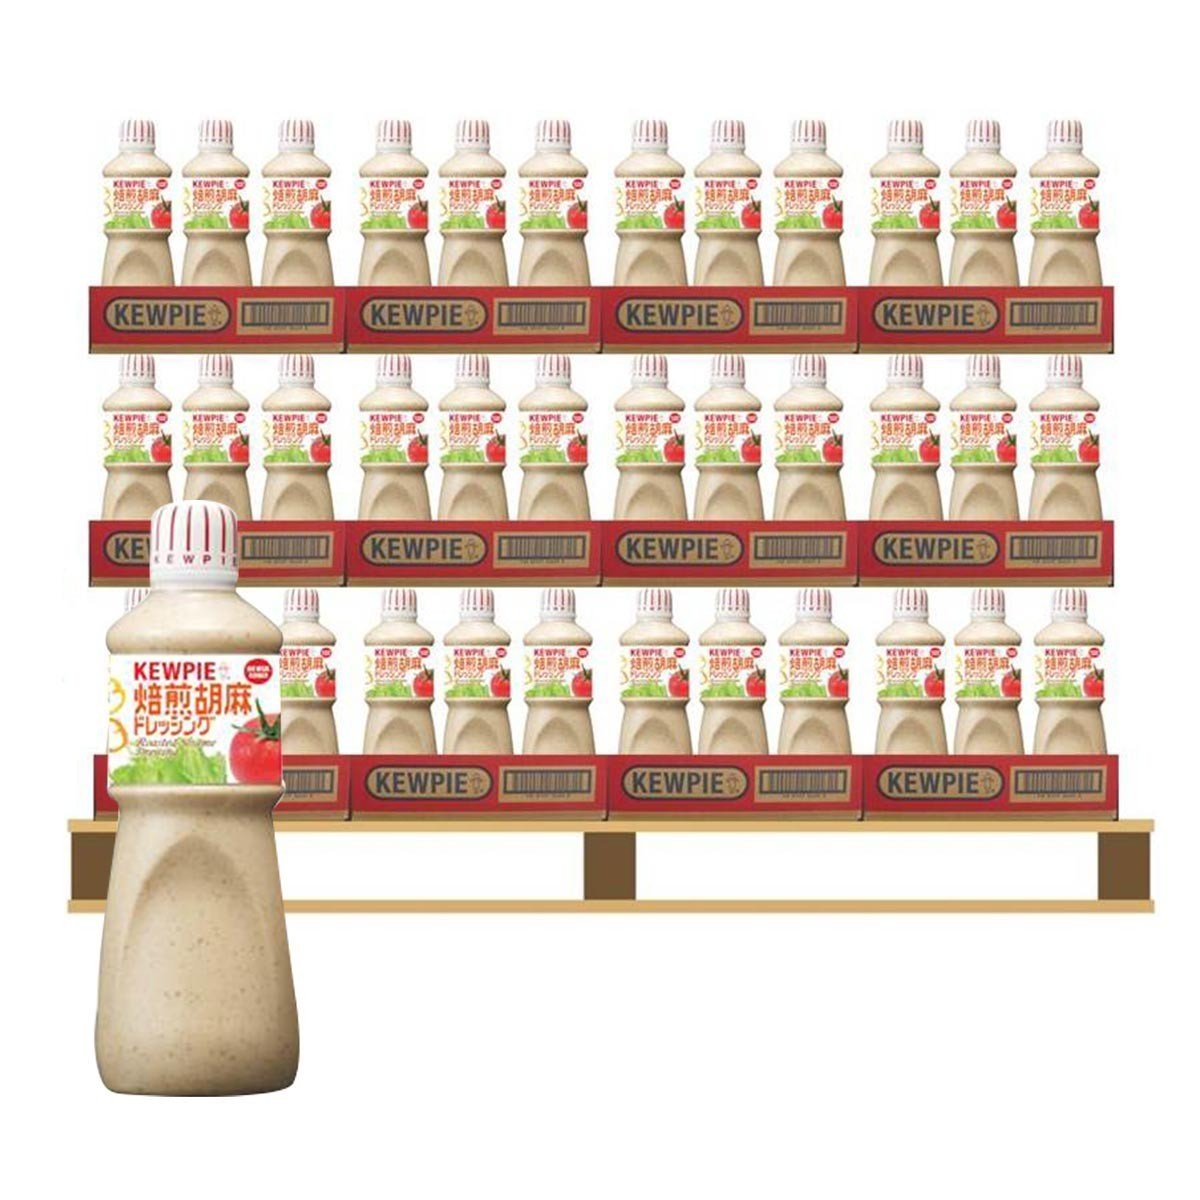 Kewpie 胡麻醬 1公升 X 324入